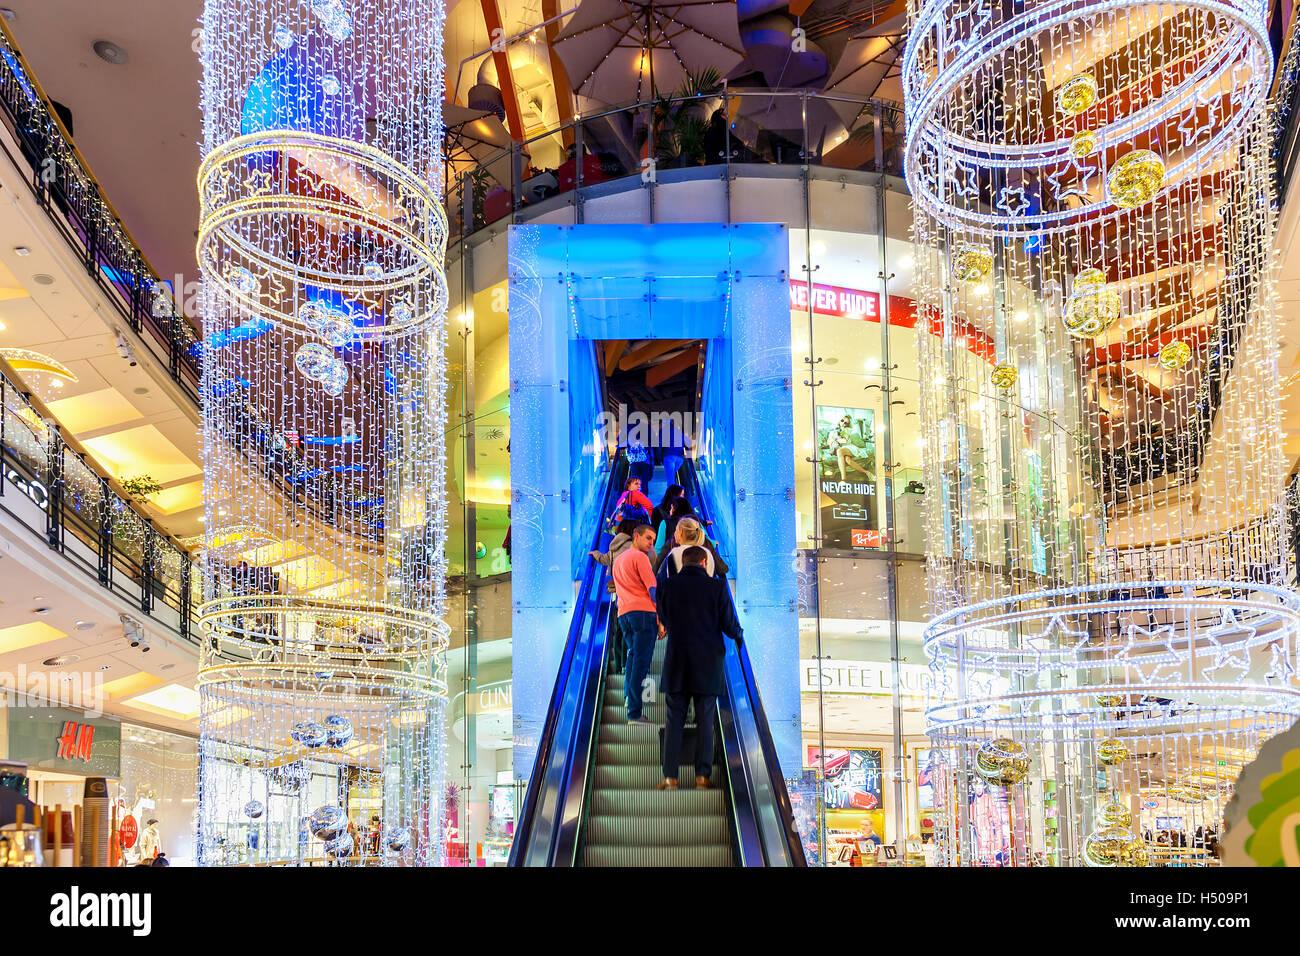 czech republic prague shopping mall stockfotos czech. Black Bedroom Furniture Sets. Home Design Ideas